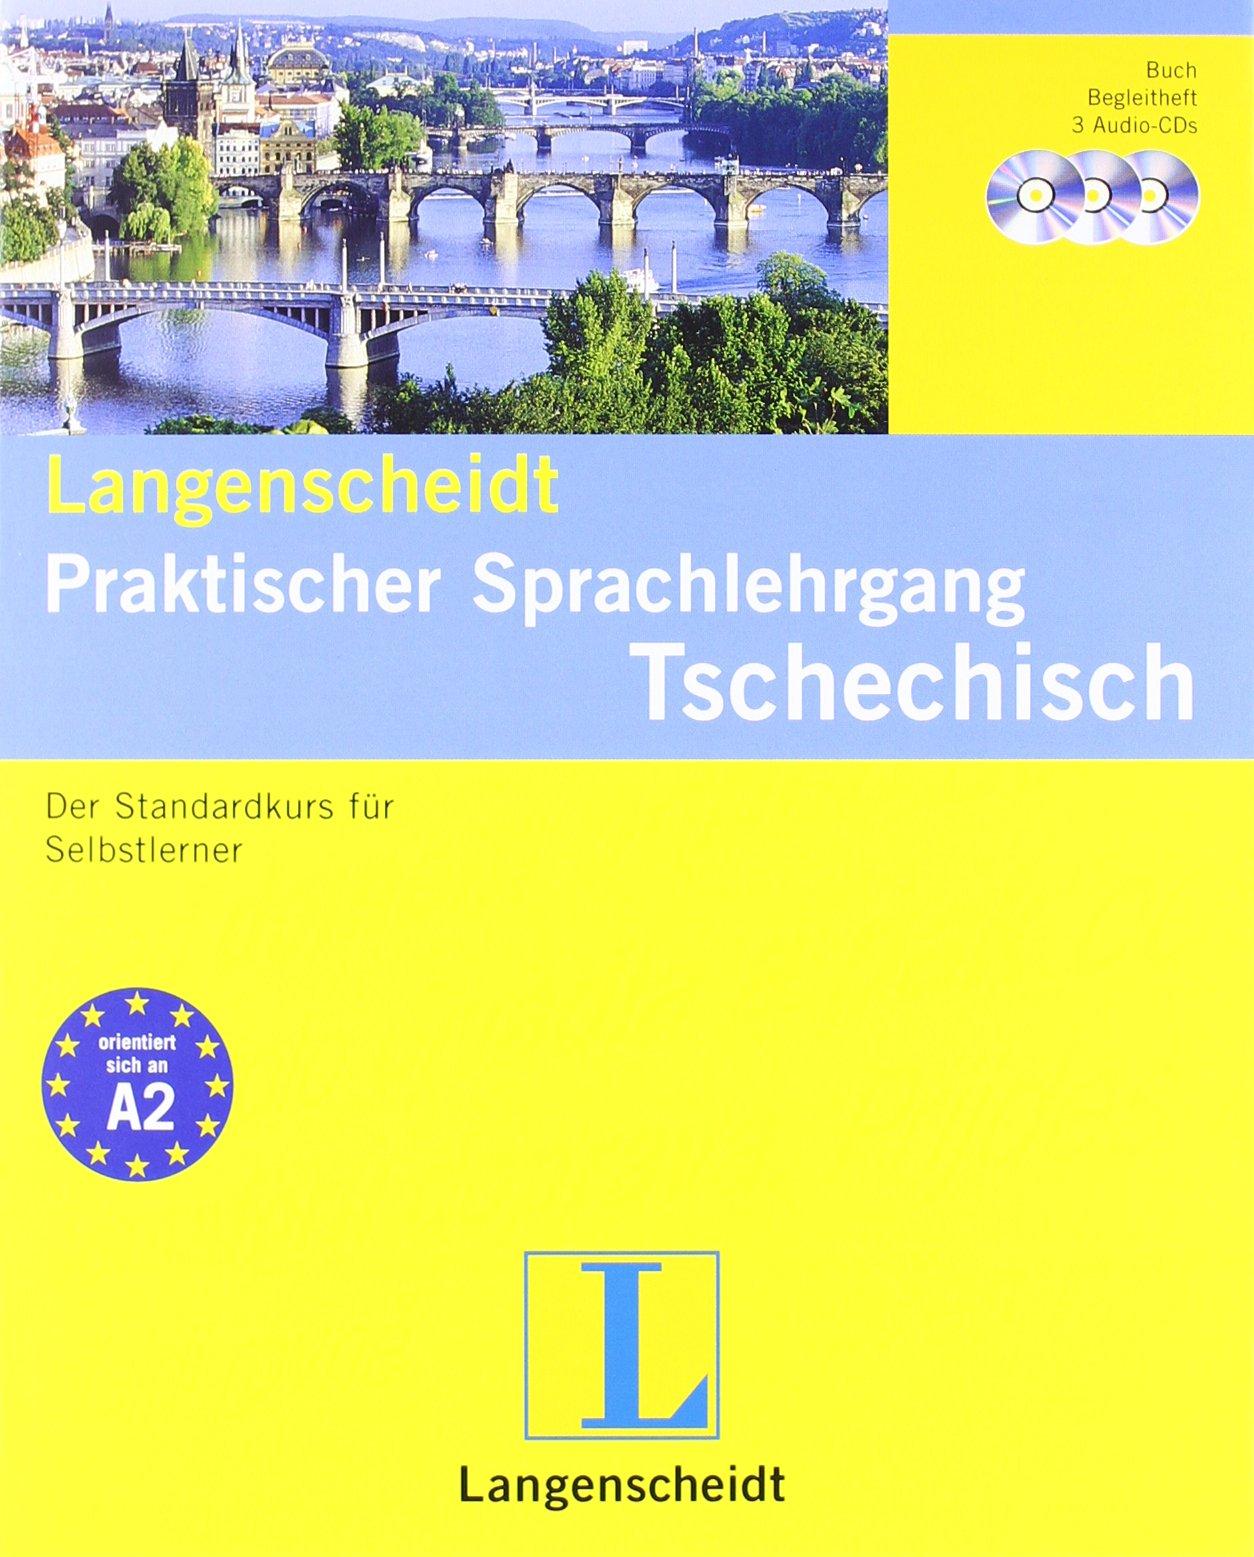 Langenscheidt Praktischer Sprachlehrgang Tschechisch - Buch, 3 Audio-CDs + Begleitheft: Der Standardkurs für Selbstlerner (Langenscheidt Praktische Sprachlehrgänge)